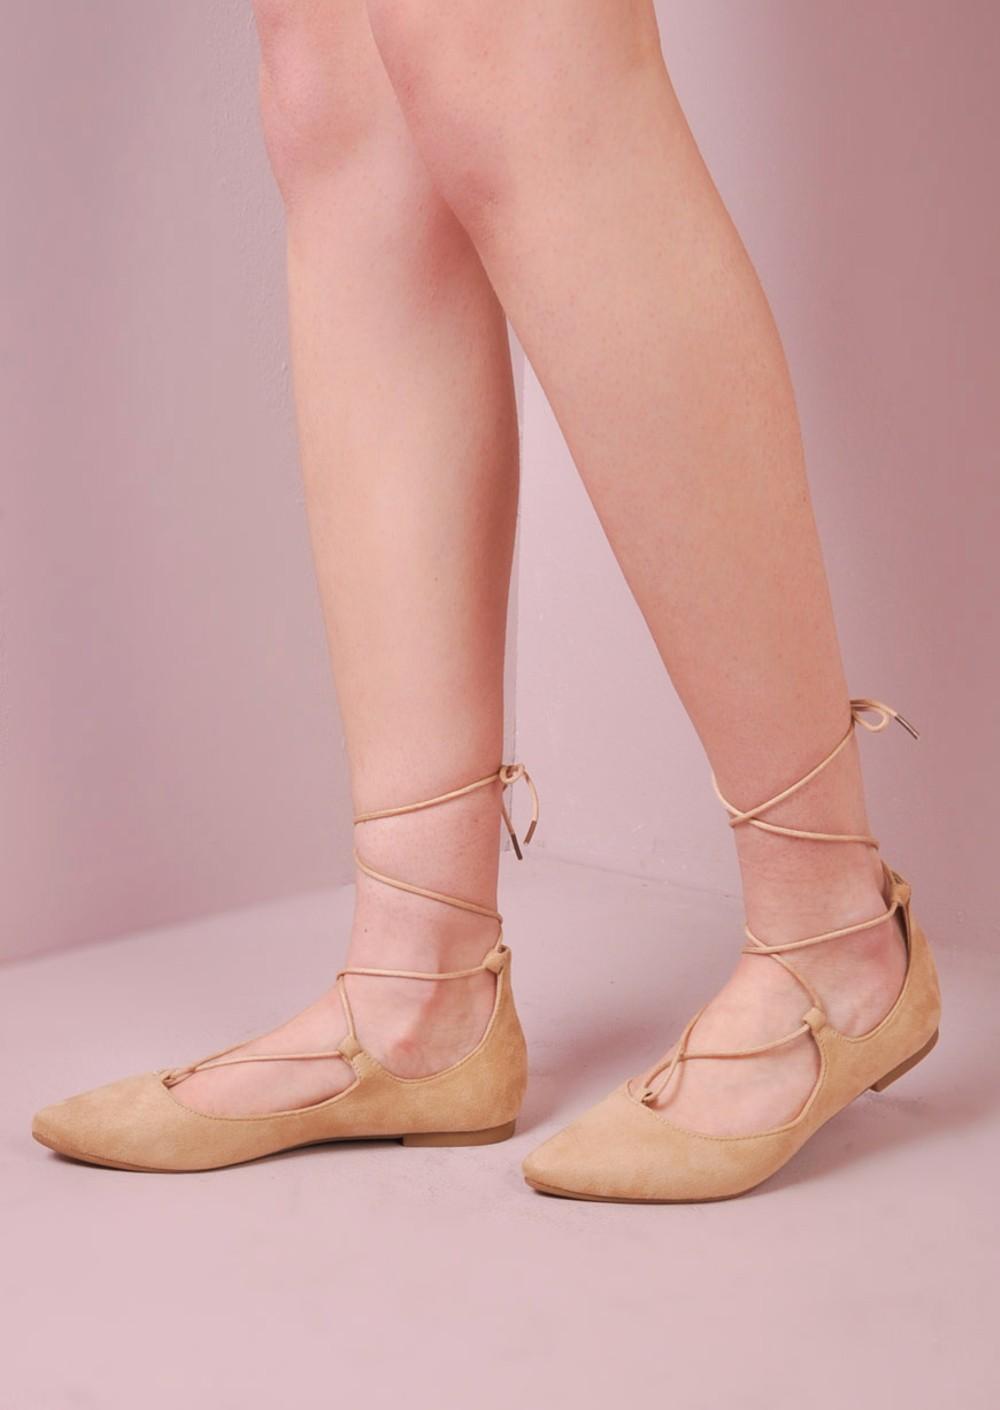 Ballet Shoes Sale Uk